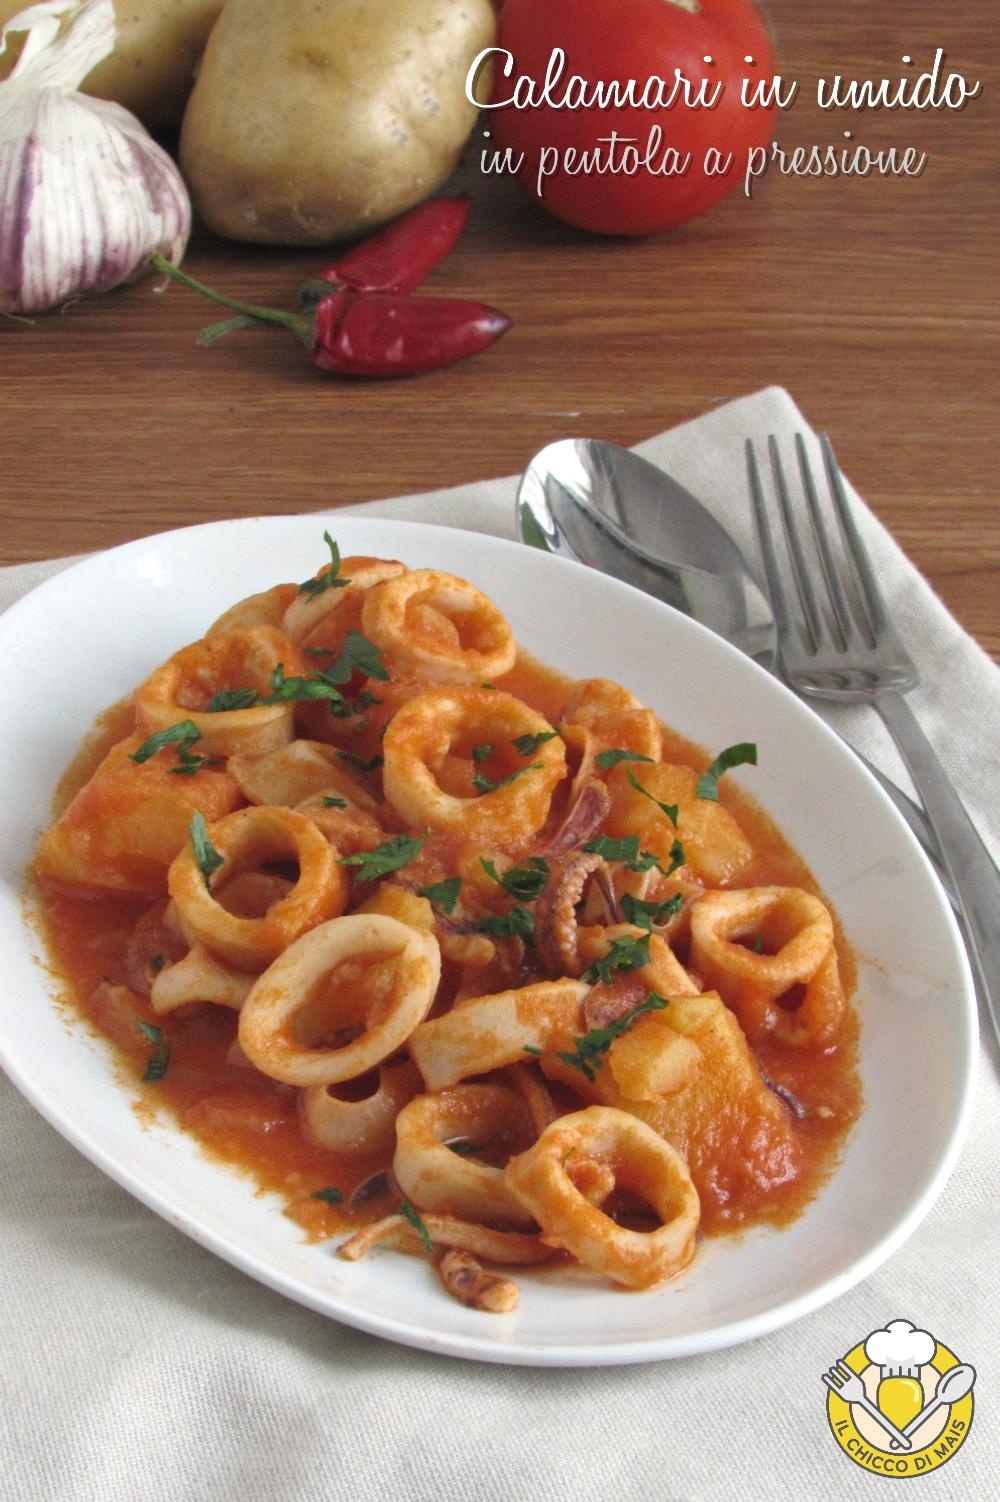 v_ calamari in umido in pentola a pressione con patate e pomodoro ricetta veloce calamari teneri il chicco di mais